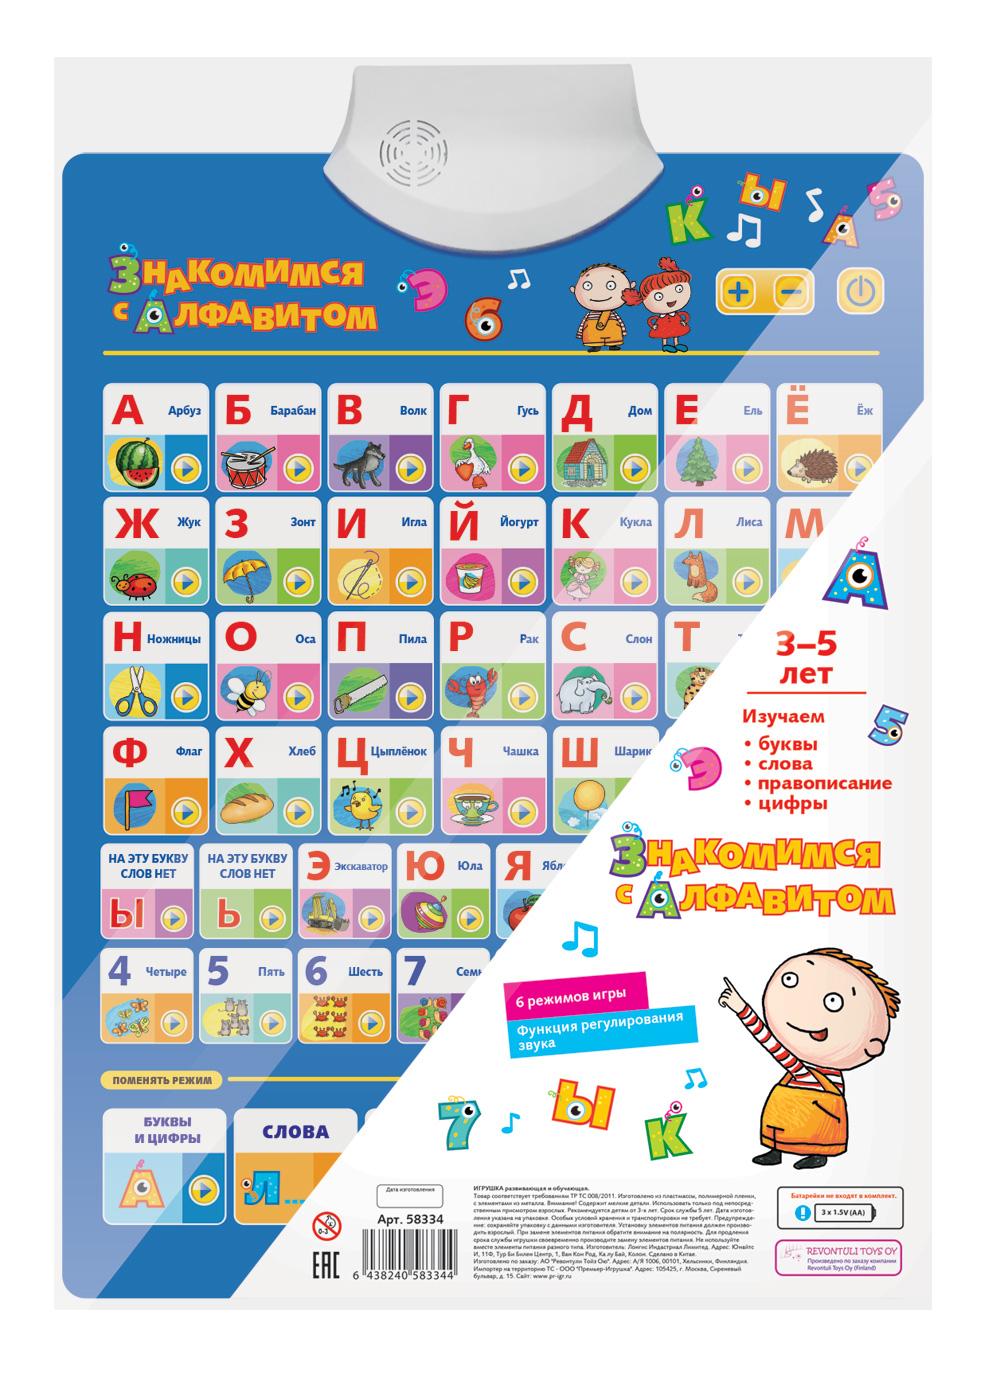 Плакат говорящий «Знакомимся с алфавитом»Планшеты, Электронные книги и плакаты<br>Плакат говорящий «Знакомимся с алфавитом»<br>